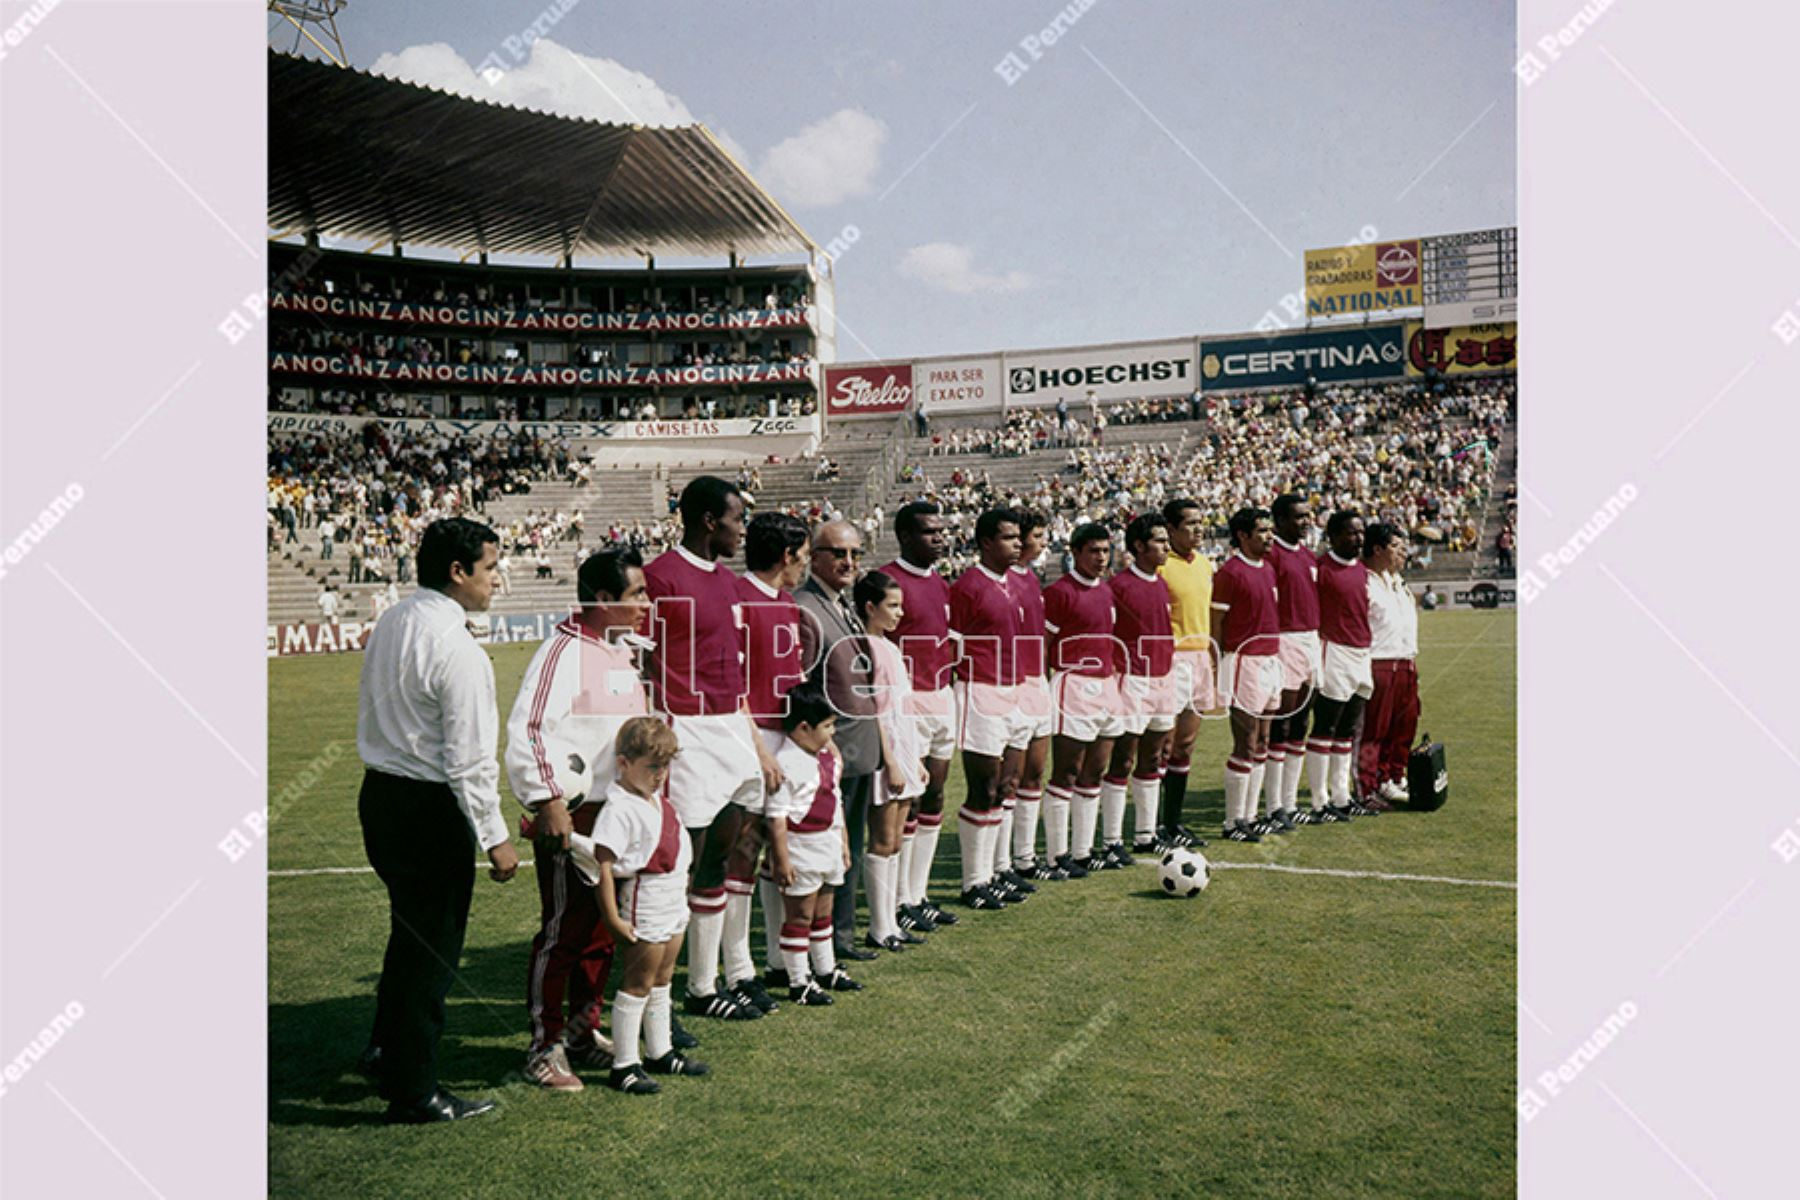 León, México - 2 junio 1970 / Formación de la selección peruana de fútbol que venció 3-2 a Bulgaria por el grupo 4 del Mundial México 70.  Foto Archivo Histórico de El Peruano / Luis Flores